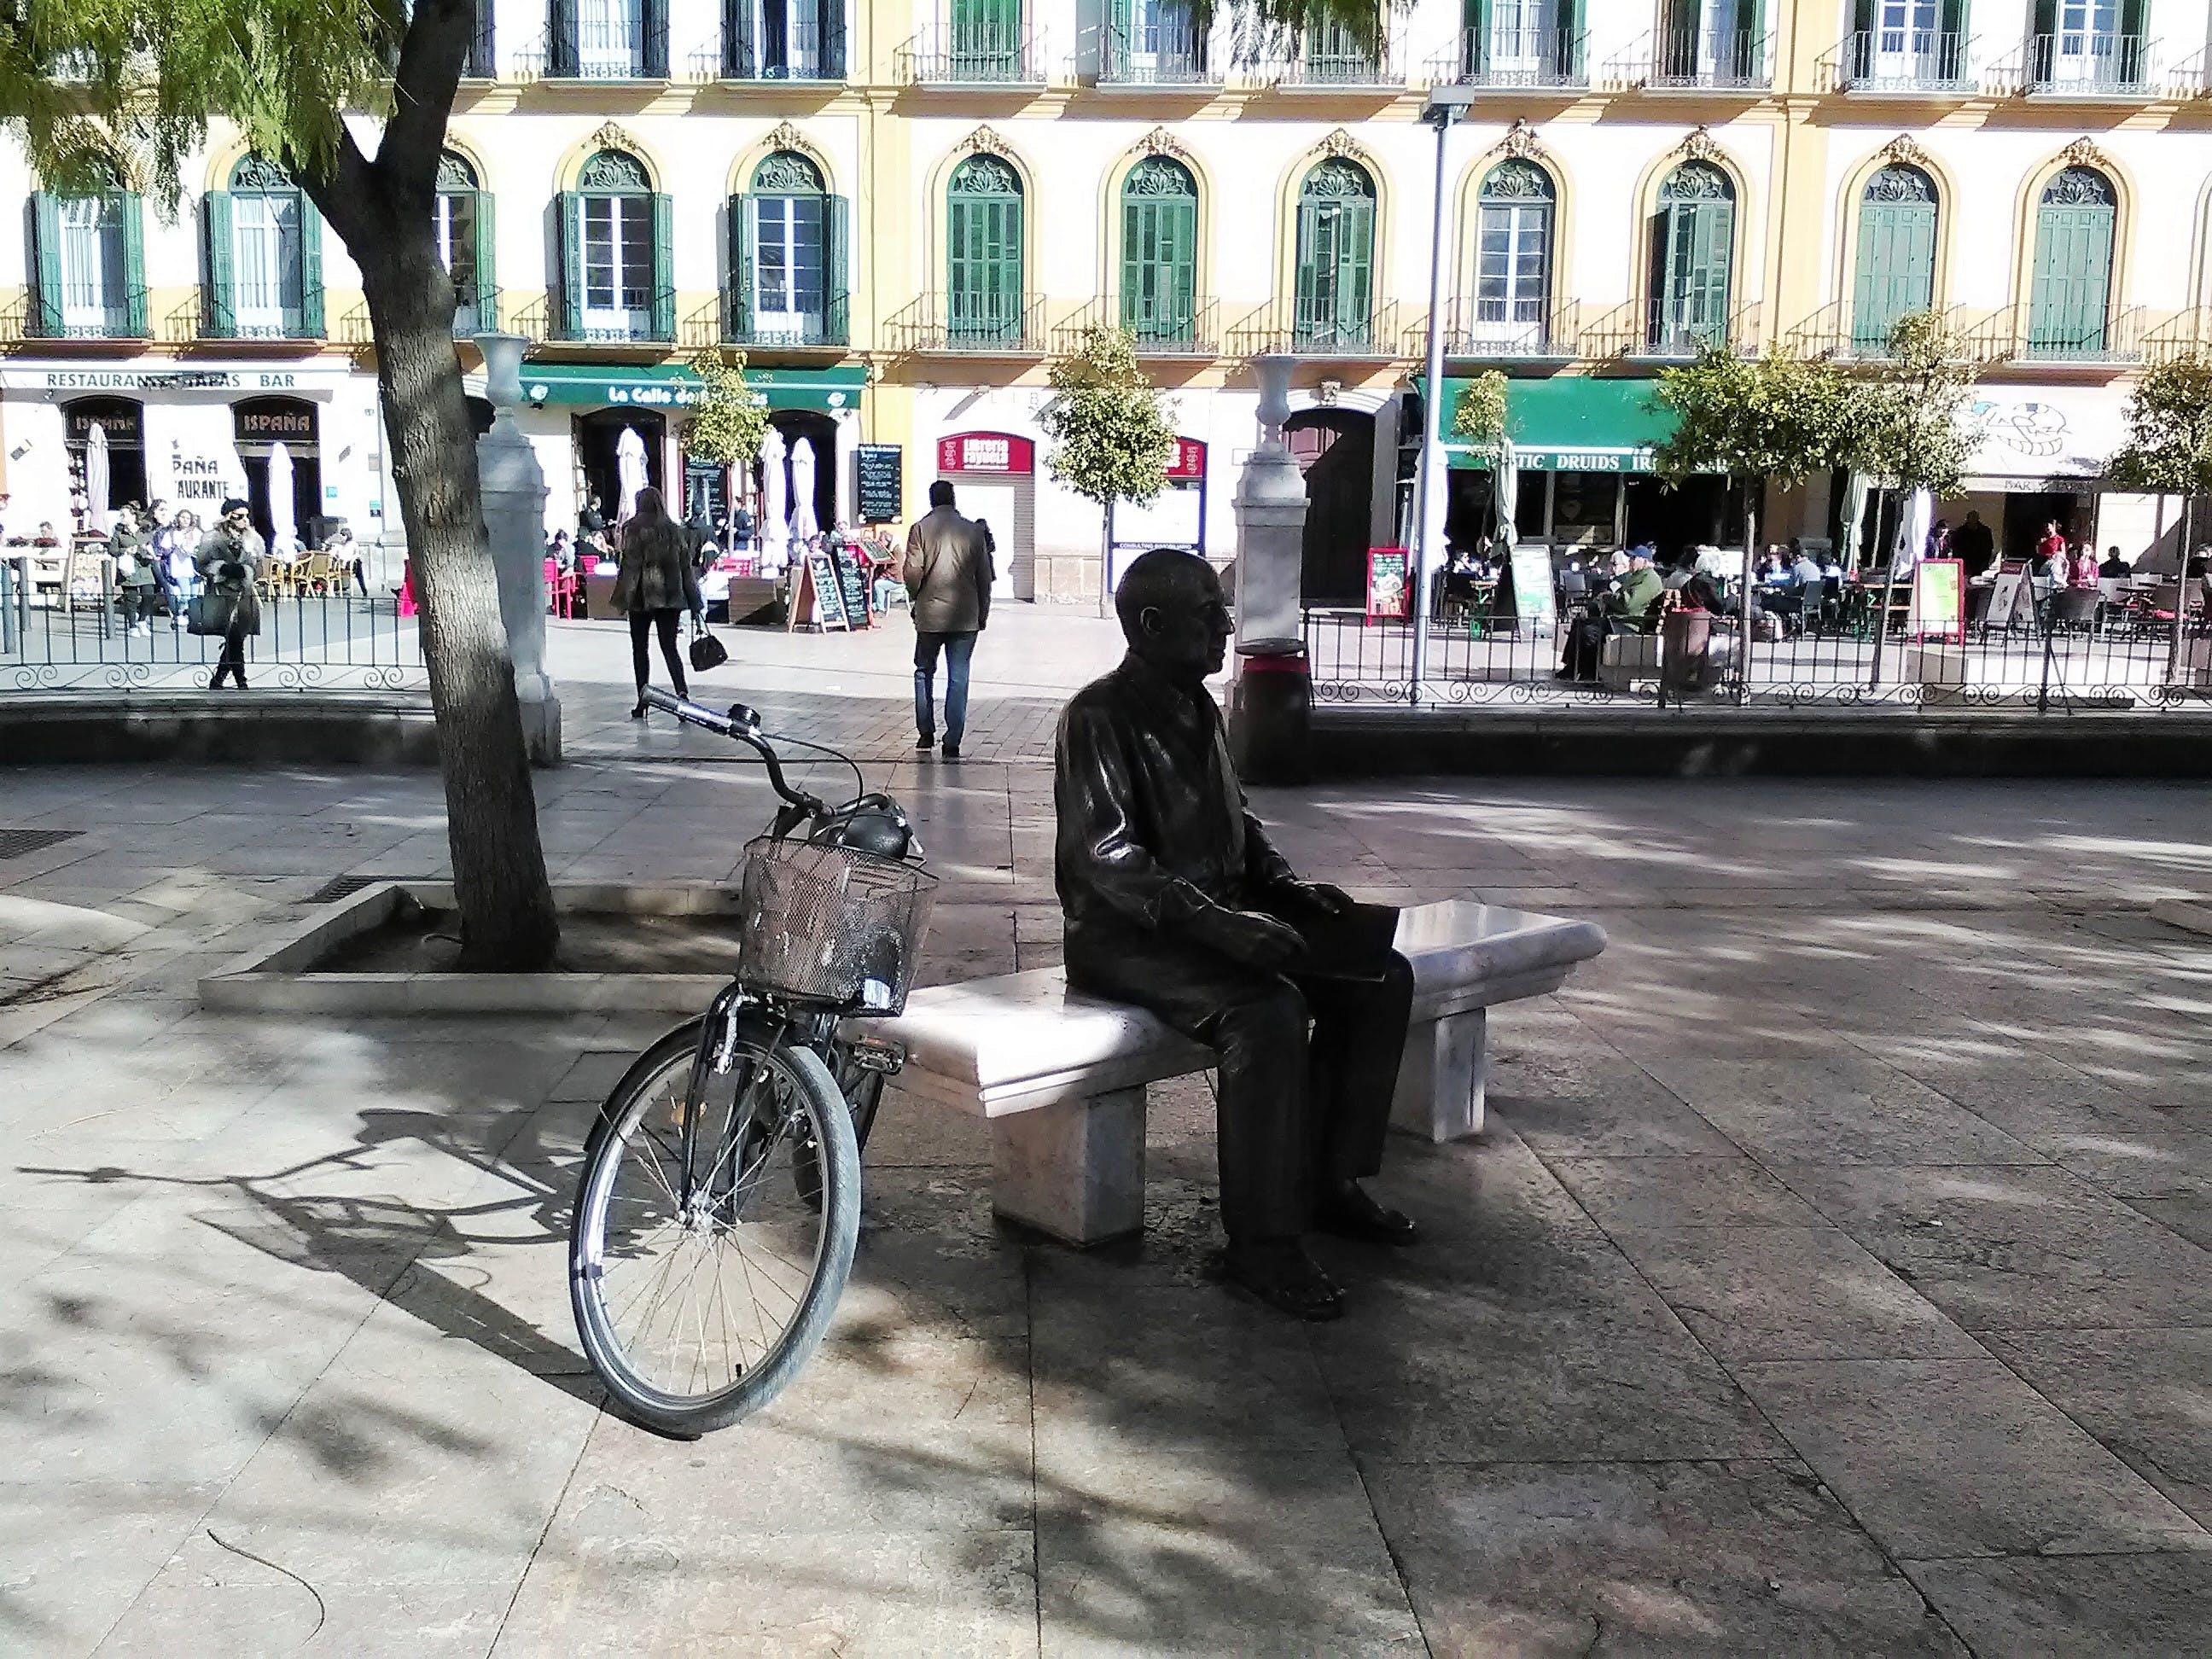 Tours en bicicleta Malaga con Ebikemalaga.es 1 jpg